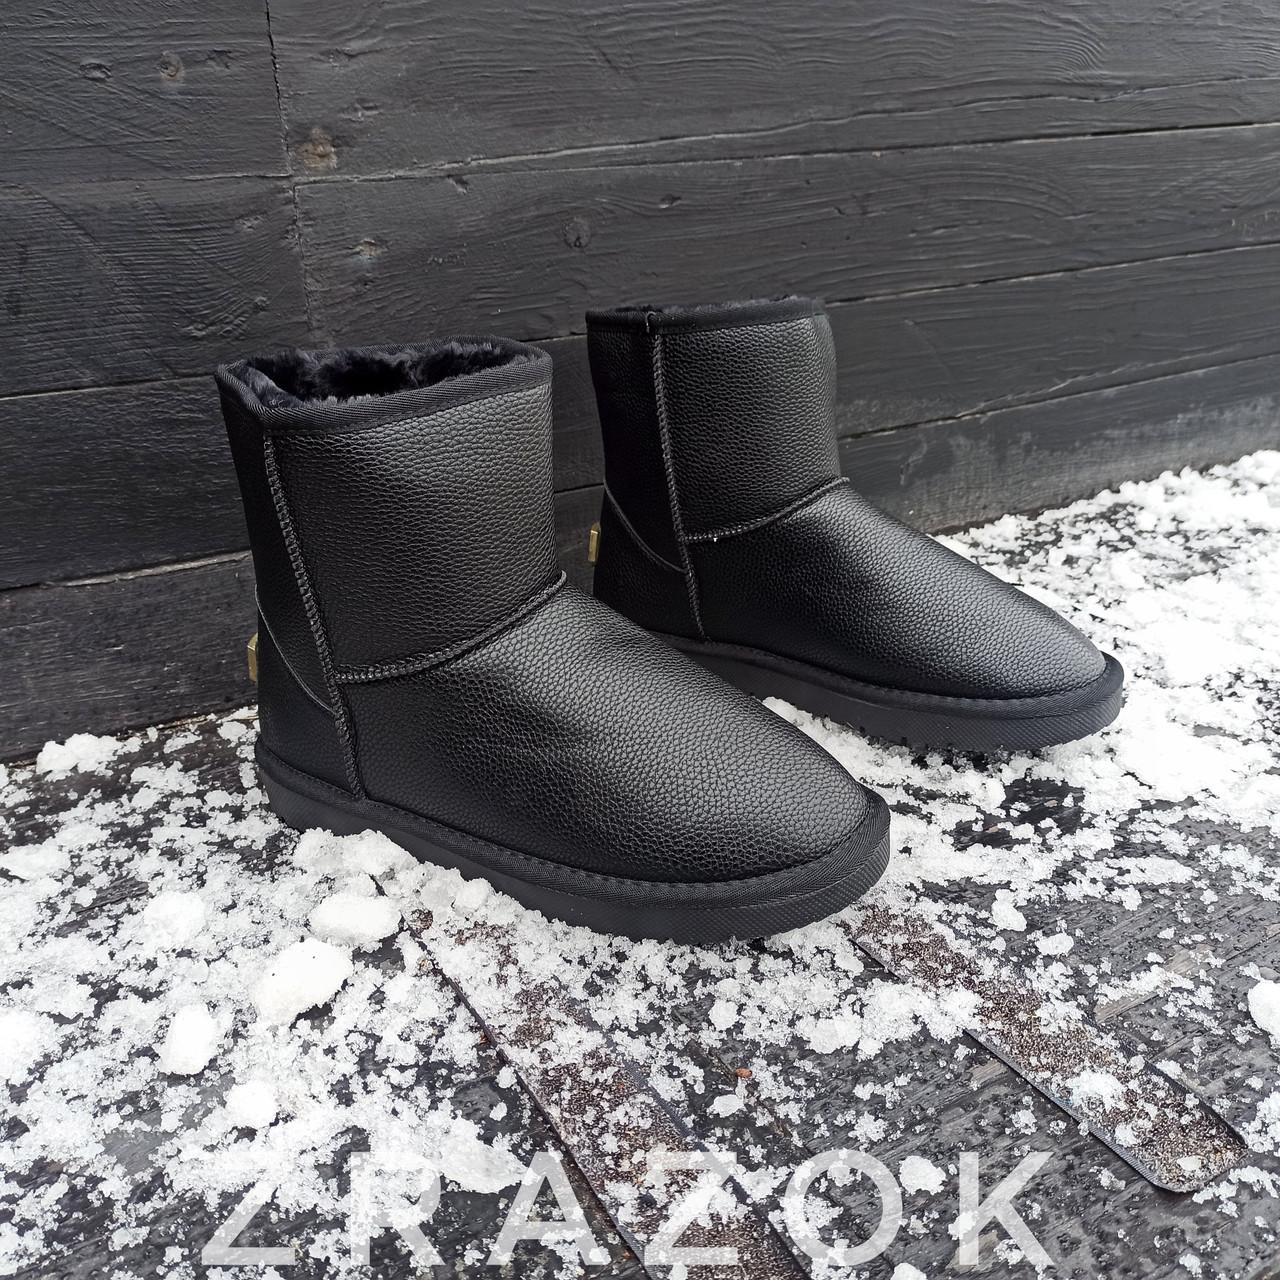 Шкіряні уггі UGG чоловічі чорні зі змійкою високі еко шкіра зимові черевики валянки теплі